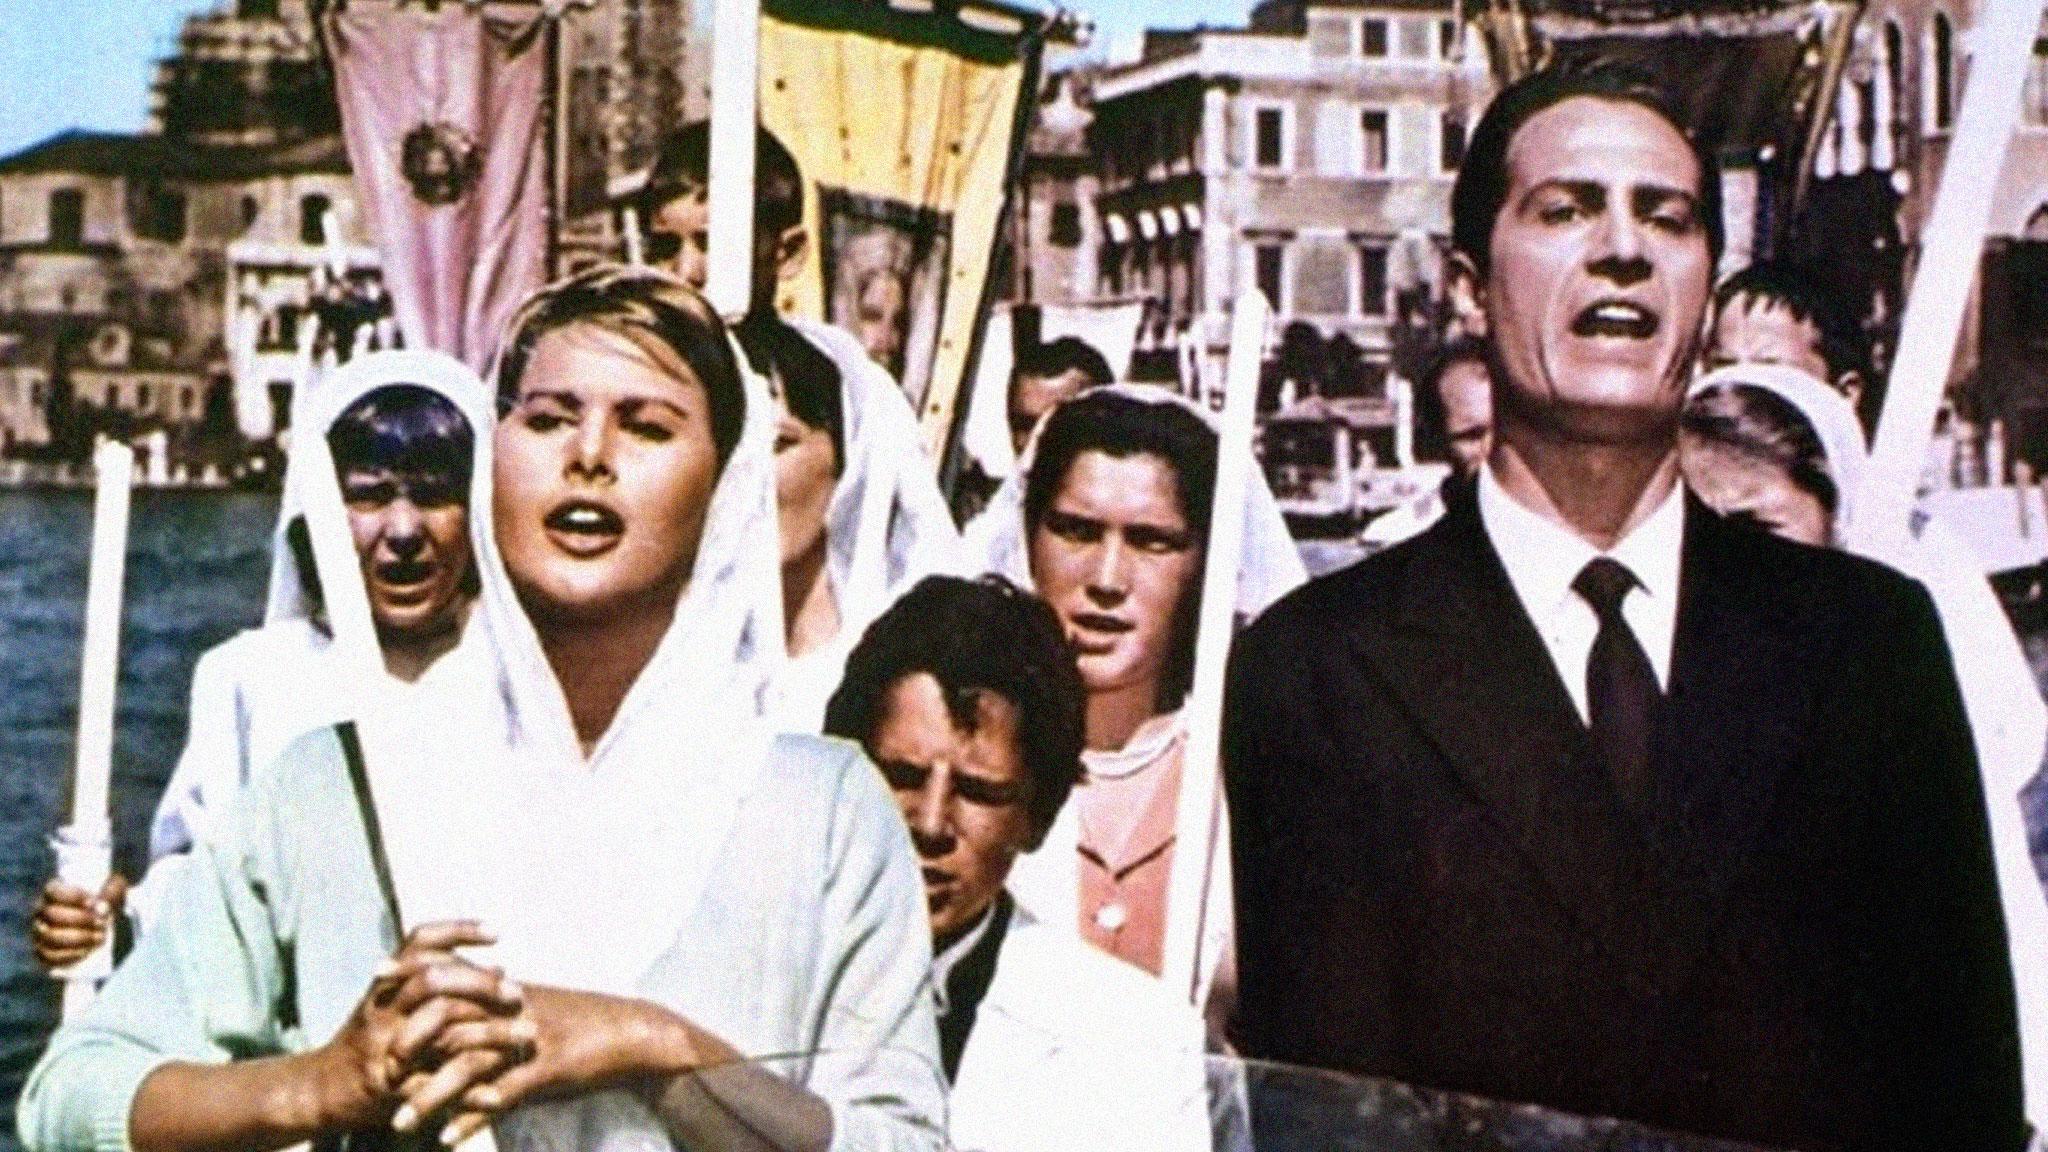 Rai Movie Venezia, la luna e tu